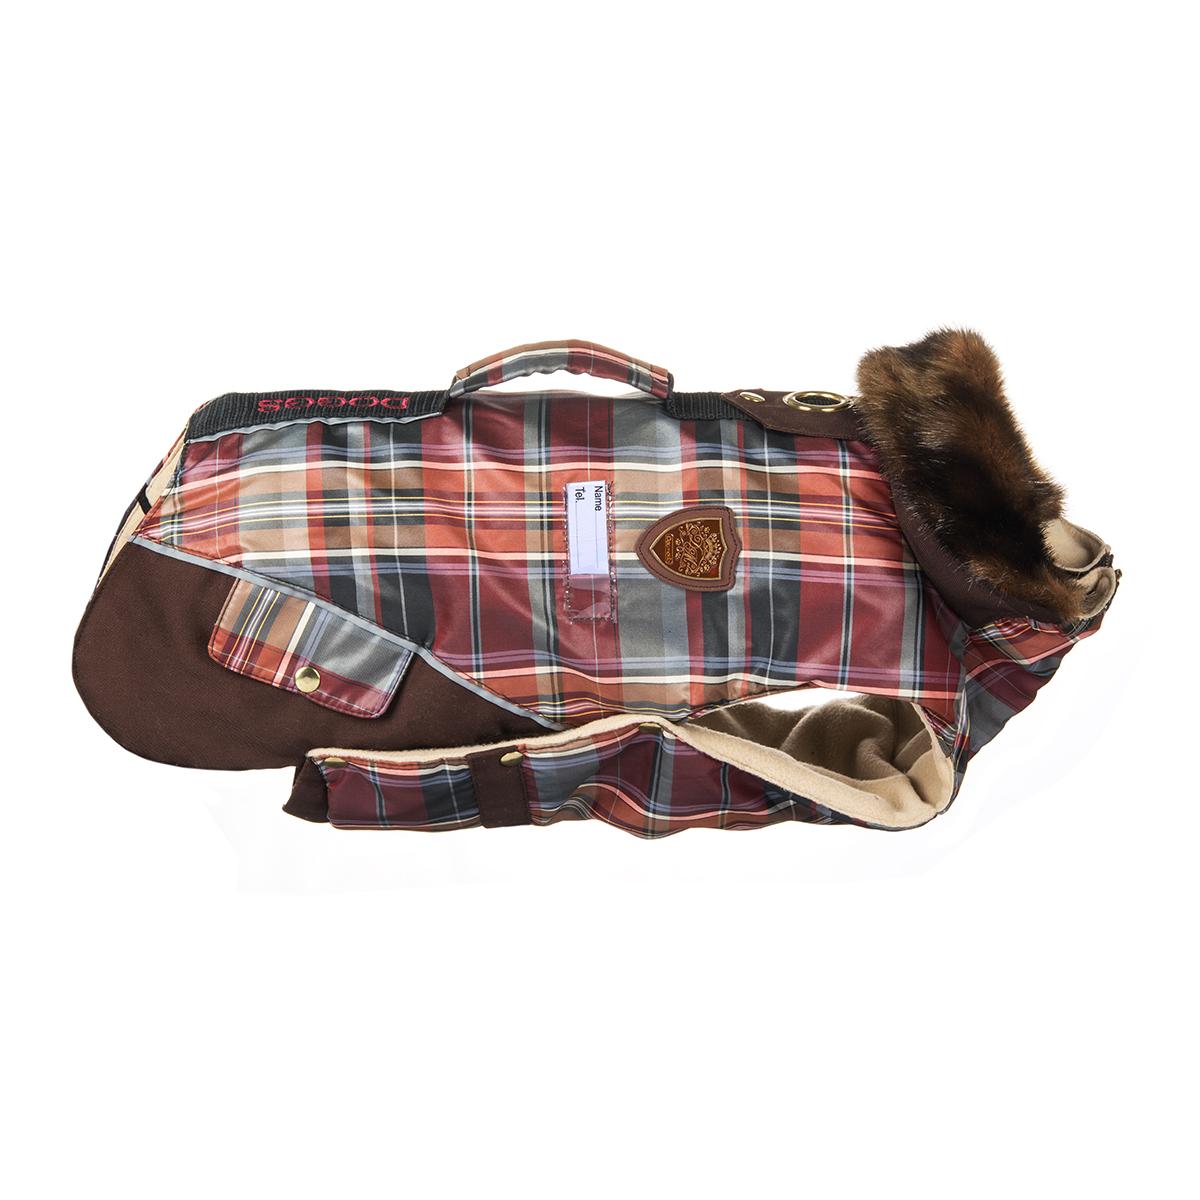 Попона для собак Dogmoda Doggs, для девочки, цвет: бордовый, коричневый. Размер XLDM-140551Теплая попона для собак Dogmoda Doggs отлично подойдет для прогулок в холодное время года. Попона изготовлена из водоотталкивающего полиэстера, защищающего от ветра и осадков, с утеплителем из синтепона, который сохранит тепло даже в сильные морозы, а на подкладке используется флис, который отлично сохраняет тепло и обеспечивает воздухообмен. Попона оснащена прорезями для ног и застегивается на кнопки, а высокий ворот с расширителем имеет застежку-молнию и кнопку, благодаря чему ее легко надевать и снимать. Ворот украшен искусственным мехом. На животе попона затягивается на шнурок-кулиску с зажимом. Спинка декорирована вышитой надписью Doggs, оснащена светоотражающими элементами и ручкой. Модель снабжена непромокаемым карманом для размещения записки с информацией о вашем питомце, на случай если он потеряется. Благодаря такой попоне питомцу будет тепло и комфортно в любое время года. Попона подходит для собак следующих пород: -...